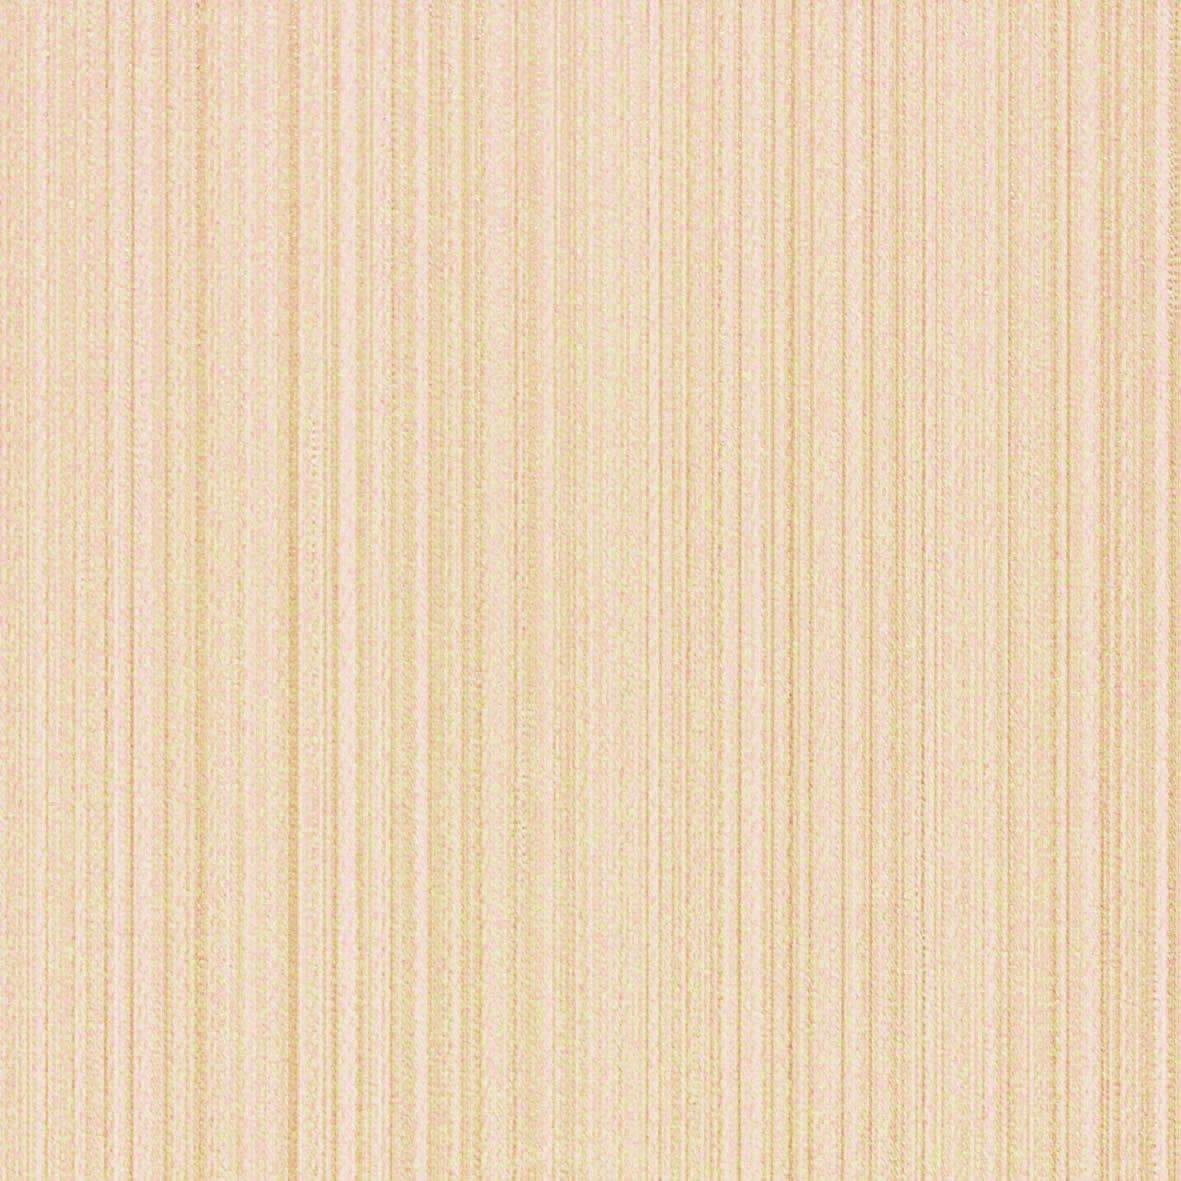 リリカラ 壁紙39m シック ストライプ ベージュ LL-8938 B01N3SUO6U 39m|ベージュ